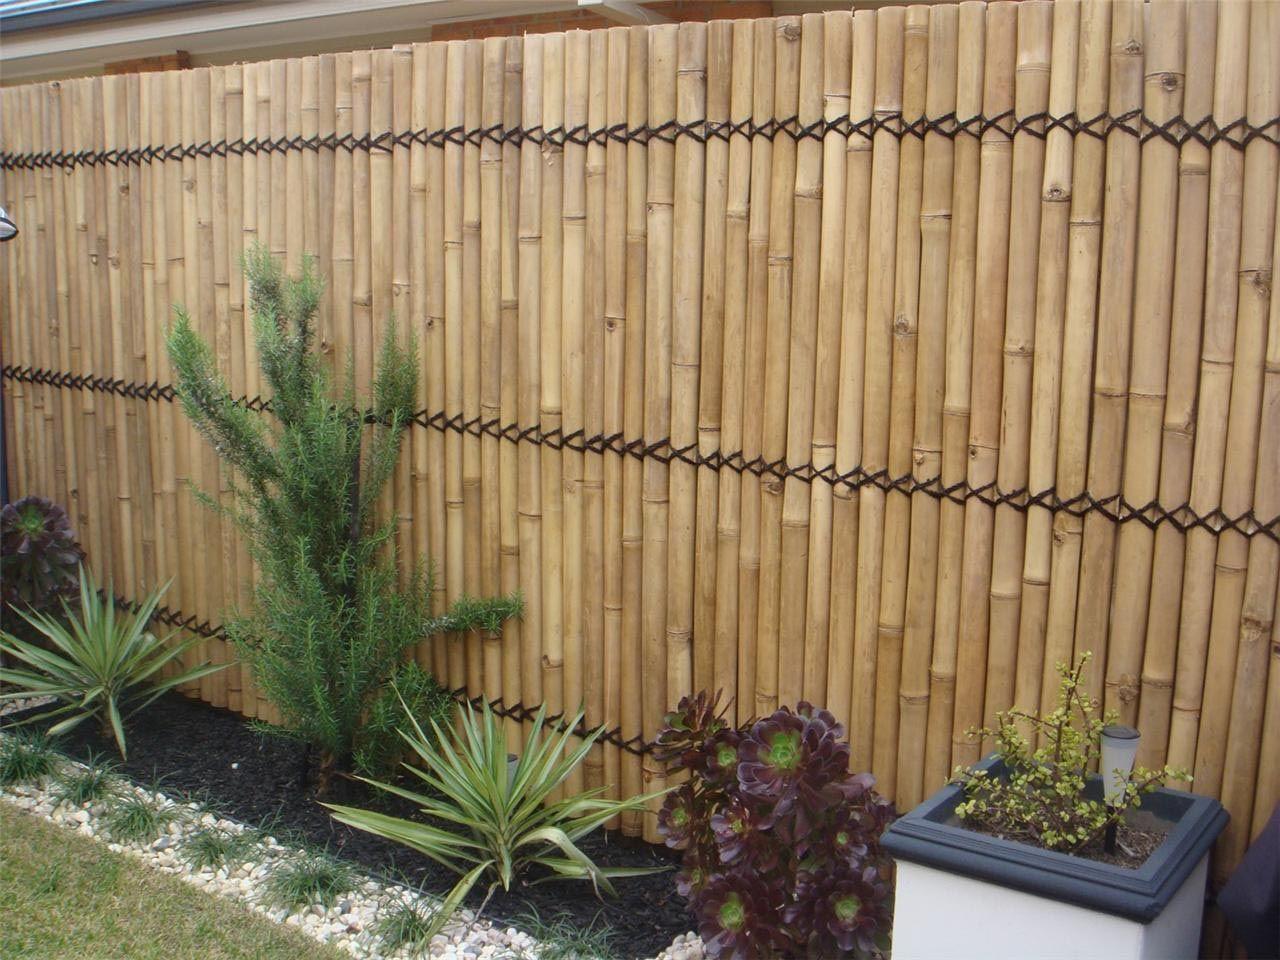 30 Diy Garden Landscaping Projects Diy Bamboo Garden Diy Bamboo